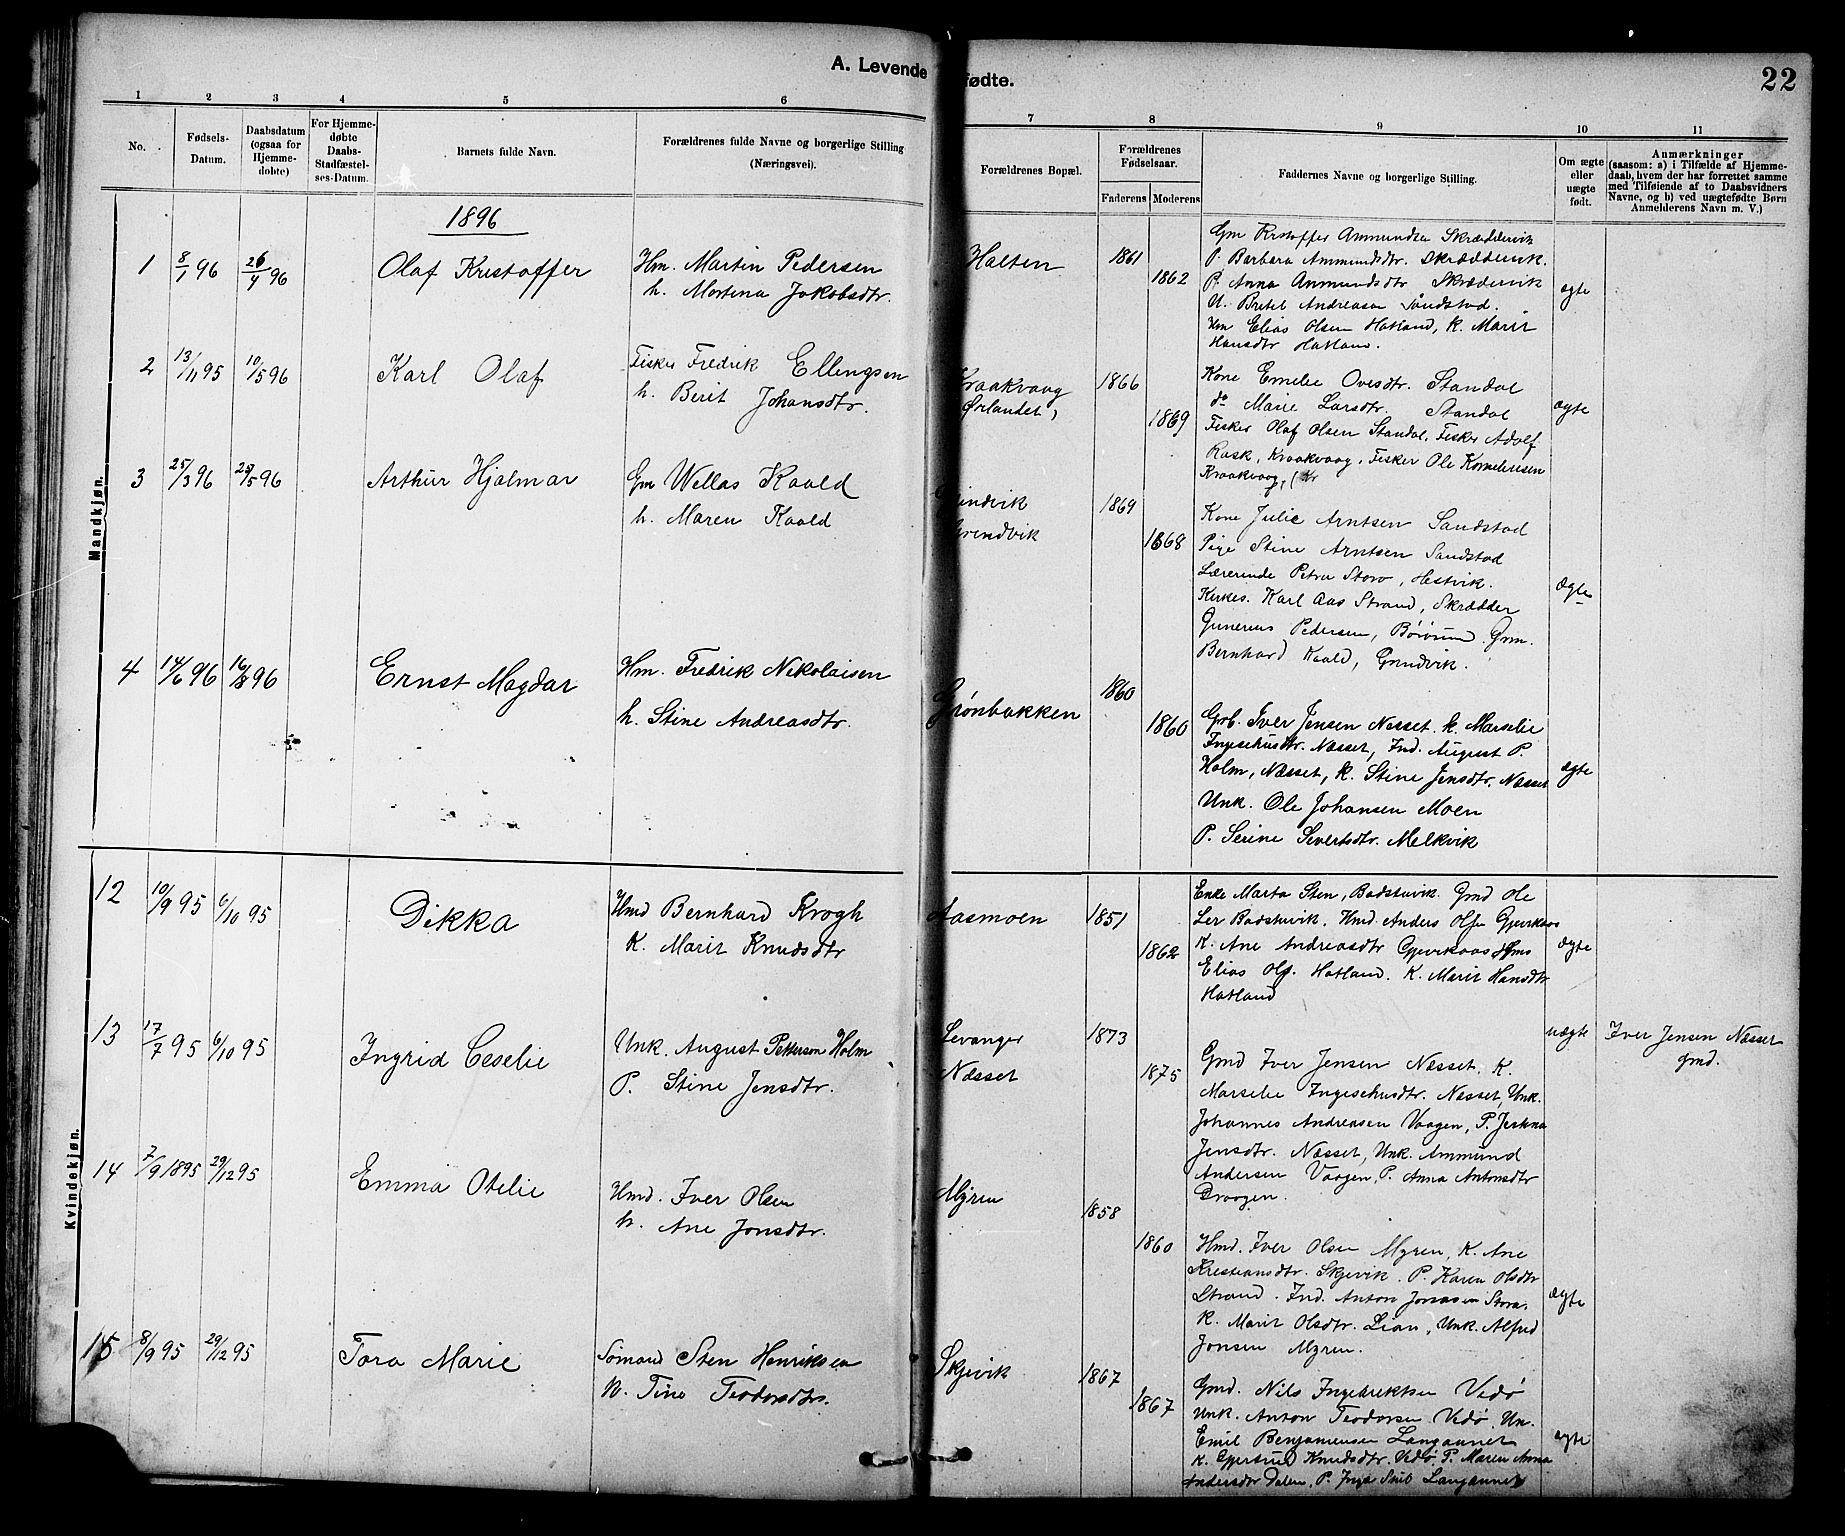 SAT, Ministerialprotokoller, klokkerbøker og fødselsregistre - Sør-Trøndelag, 639/L0573: Klokkerbok nr. 639C01, 1890-1905, s. 22